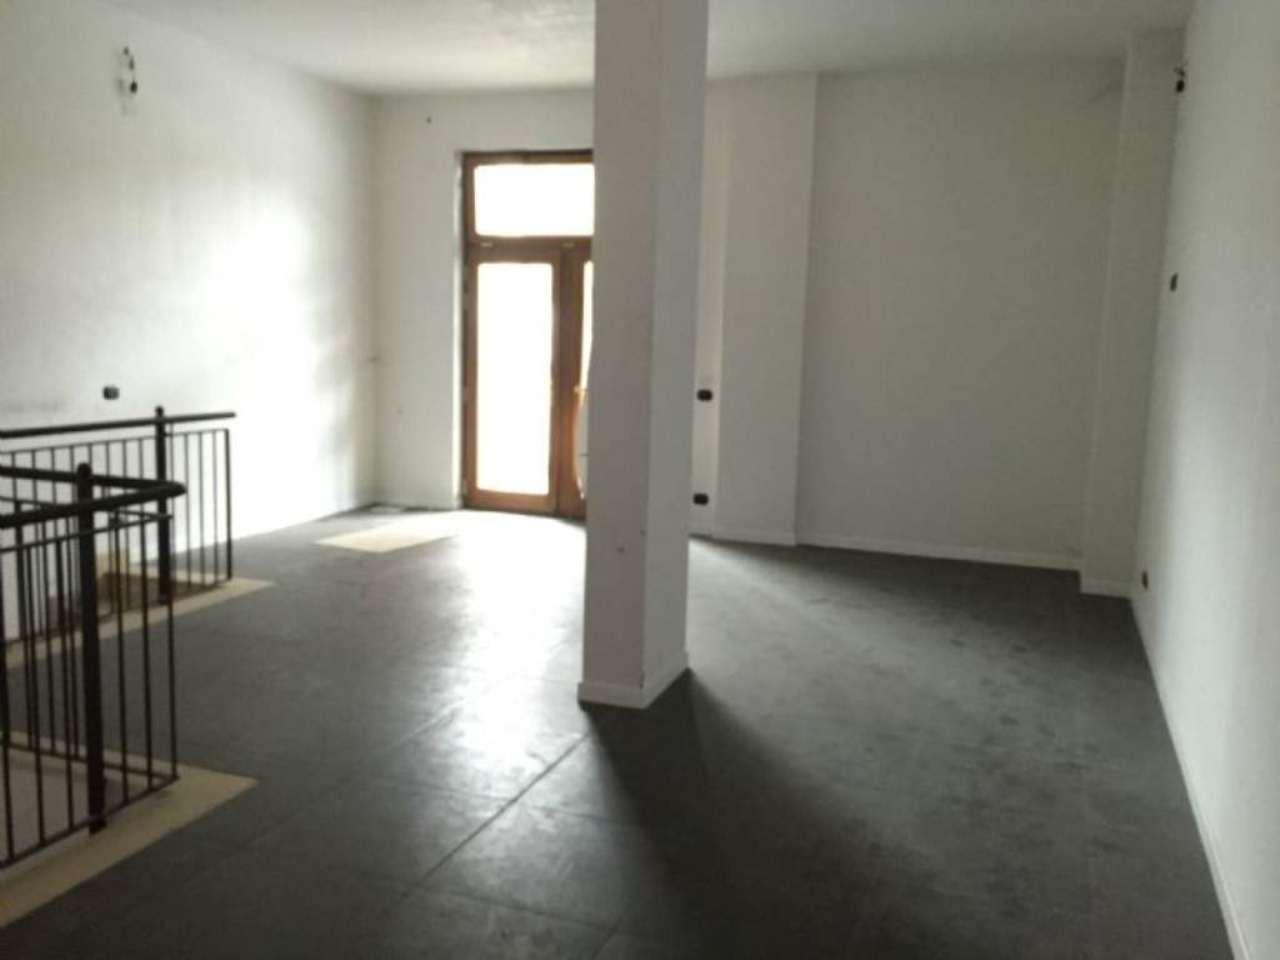 Negozio / Locale in vendita a Rivoli, 1 locali, prezzo € 480.000 | CambioCasa.it